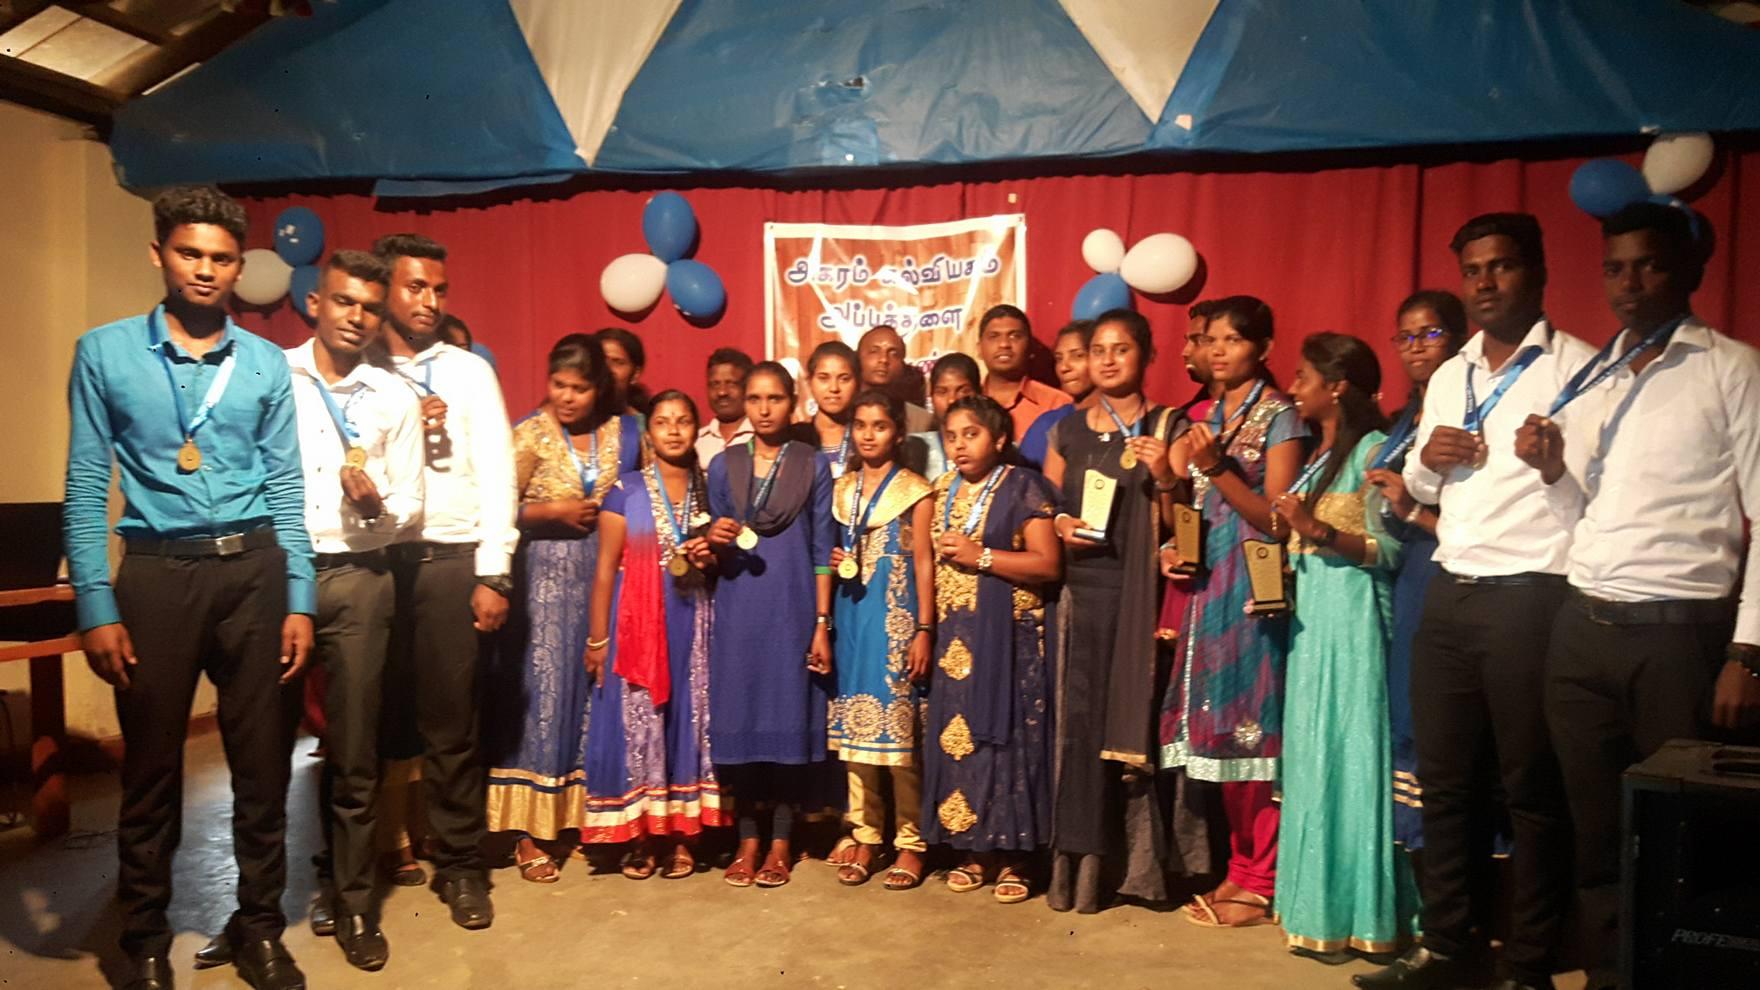 ஹப்புத்தளை 'அகரம்' கல்வியகத்தின் மாணவர் பாராட்டு விழா 2017